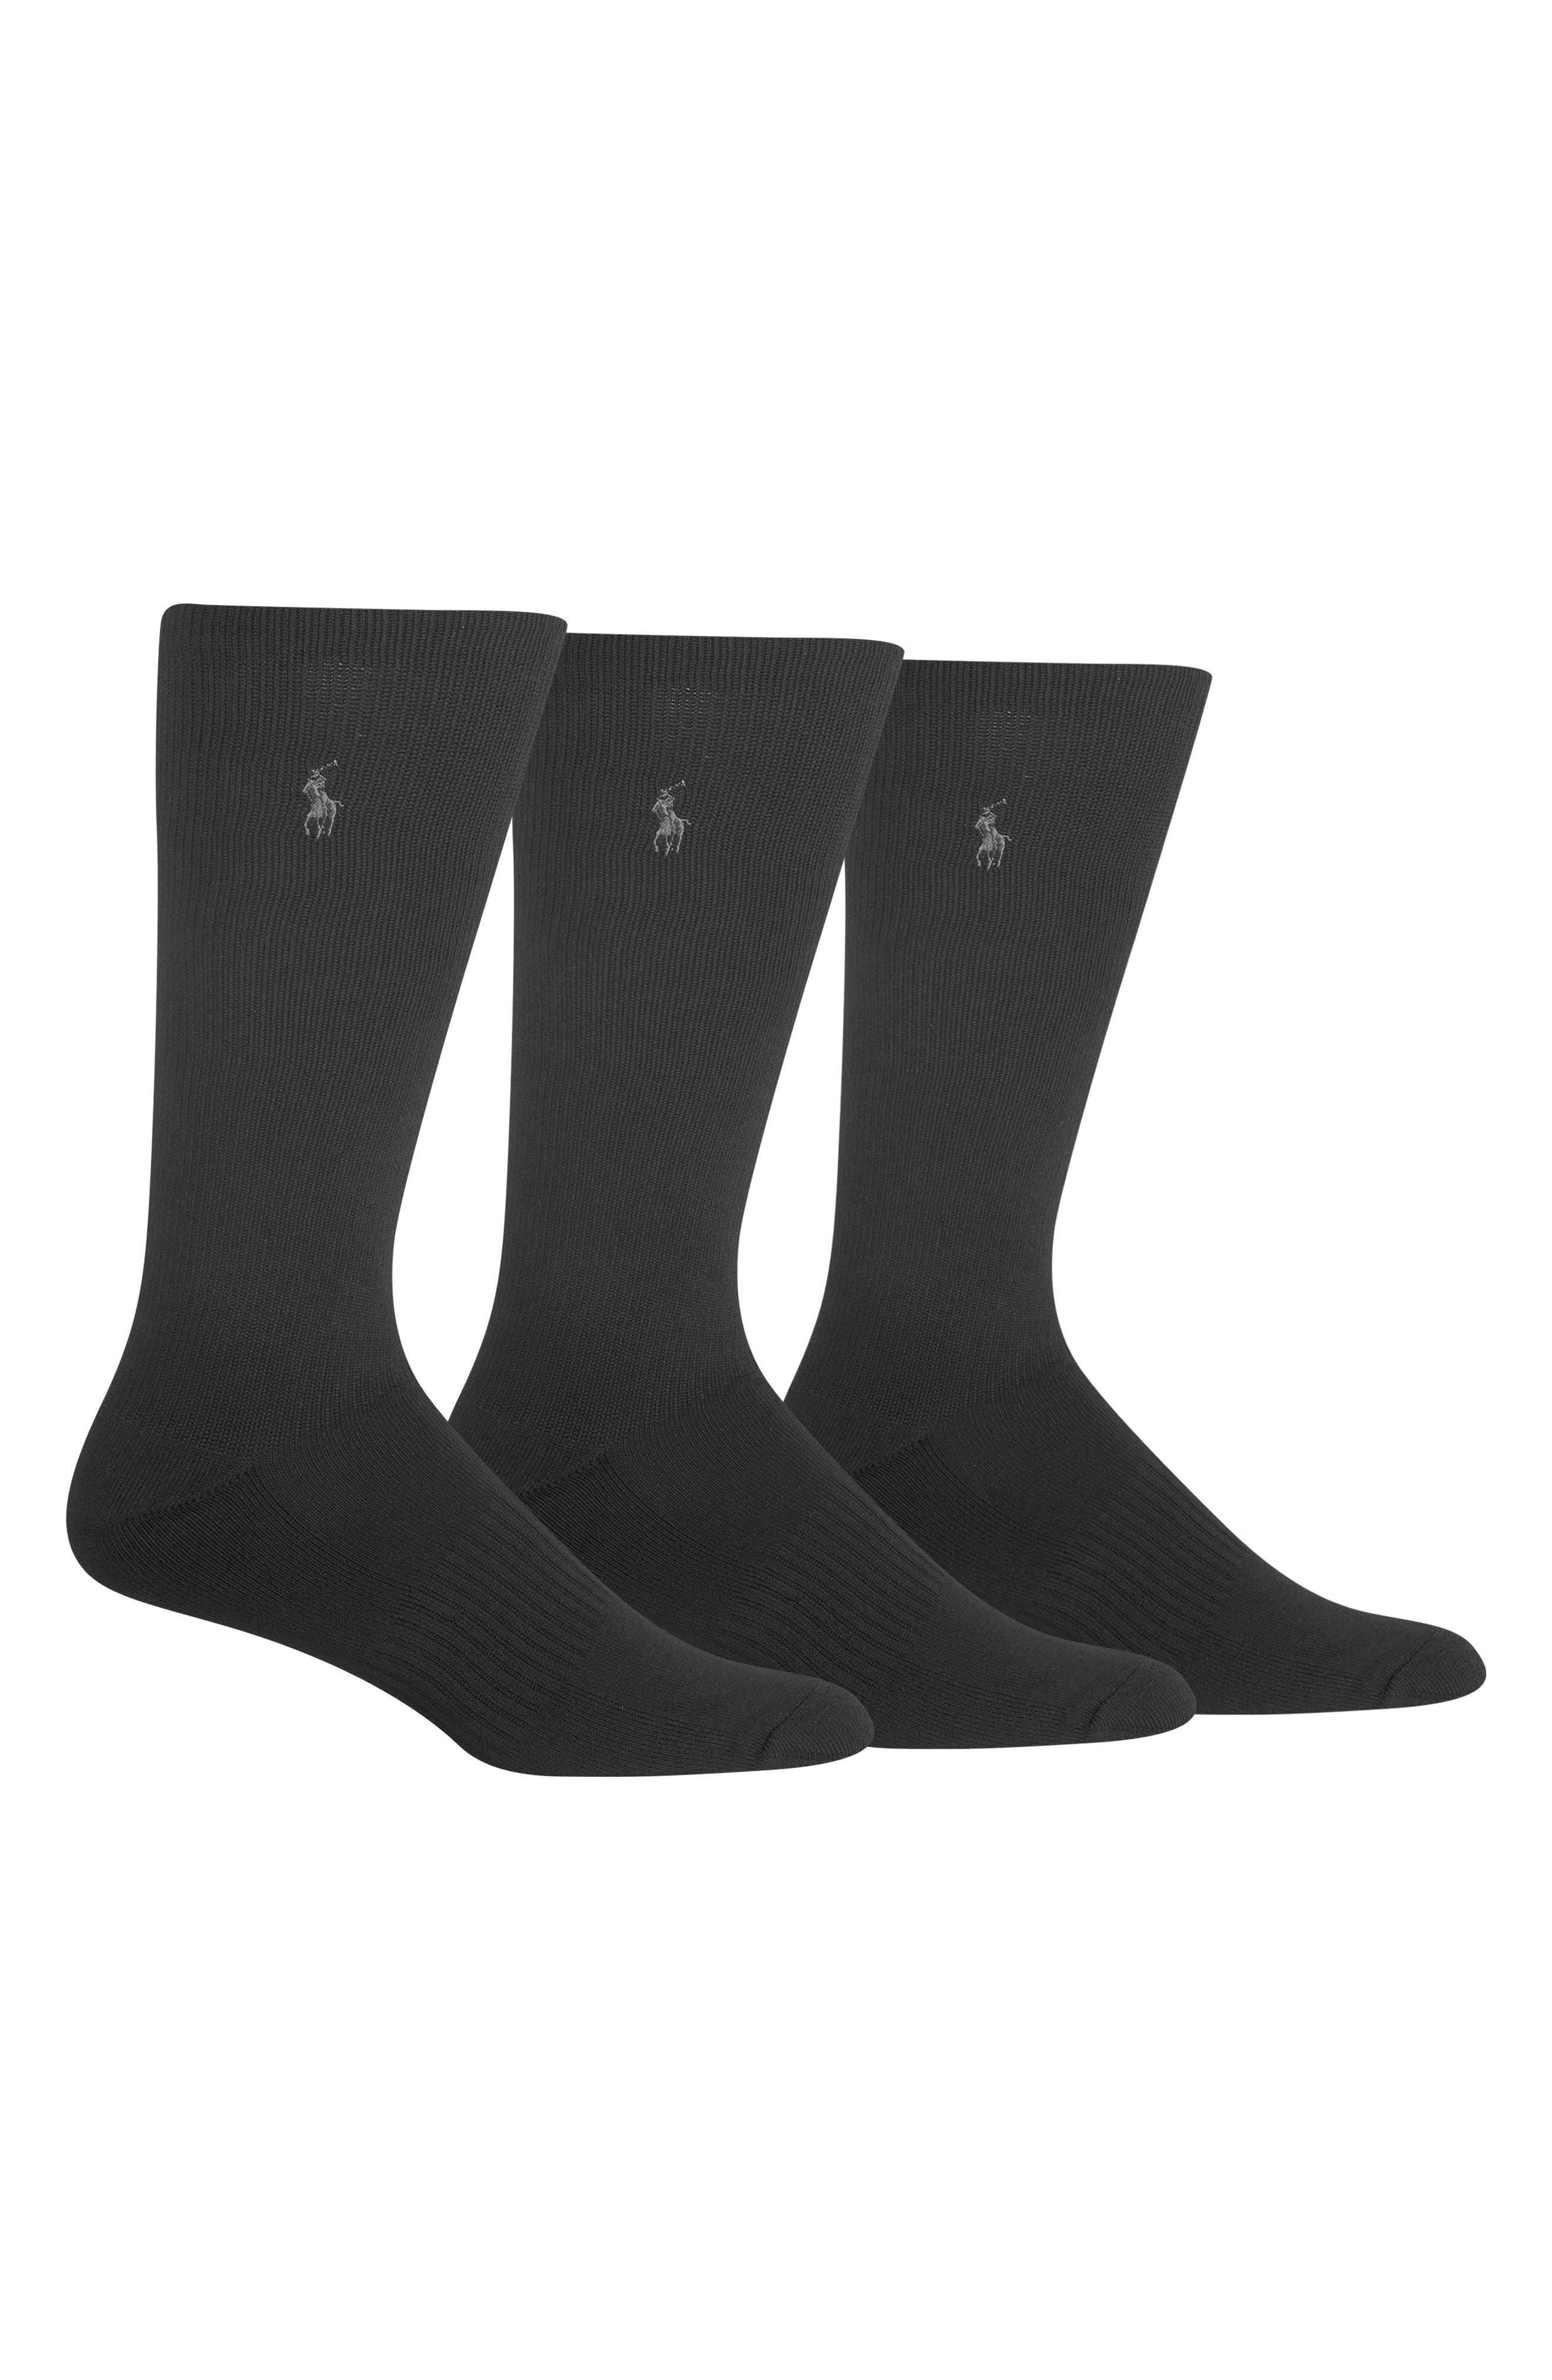 3-Pack Compression Socks,                         Main,                         color, 001